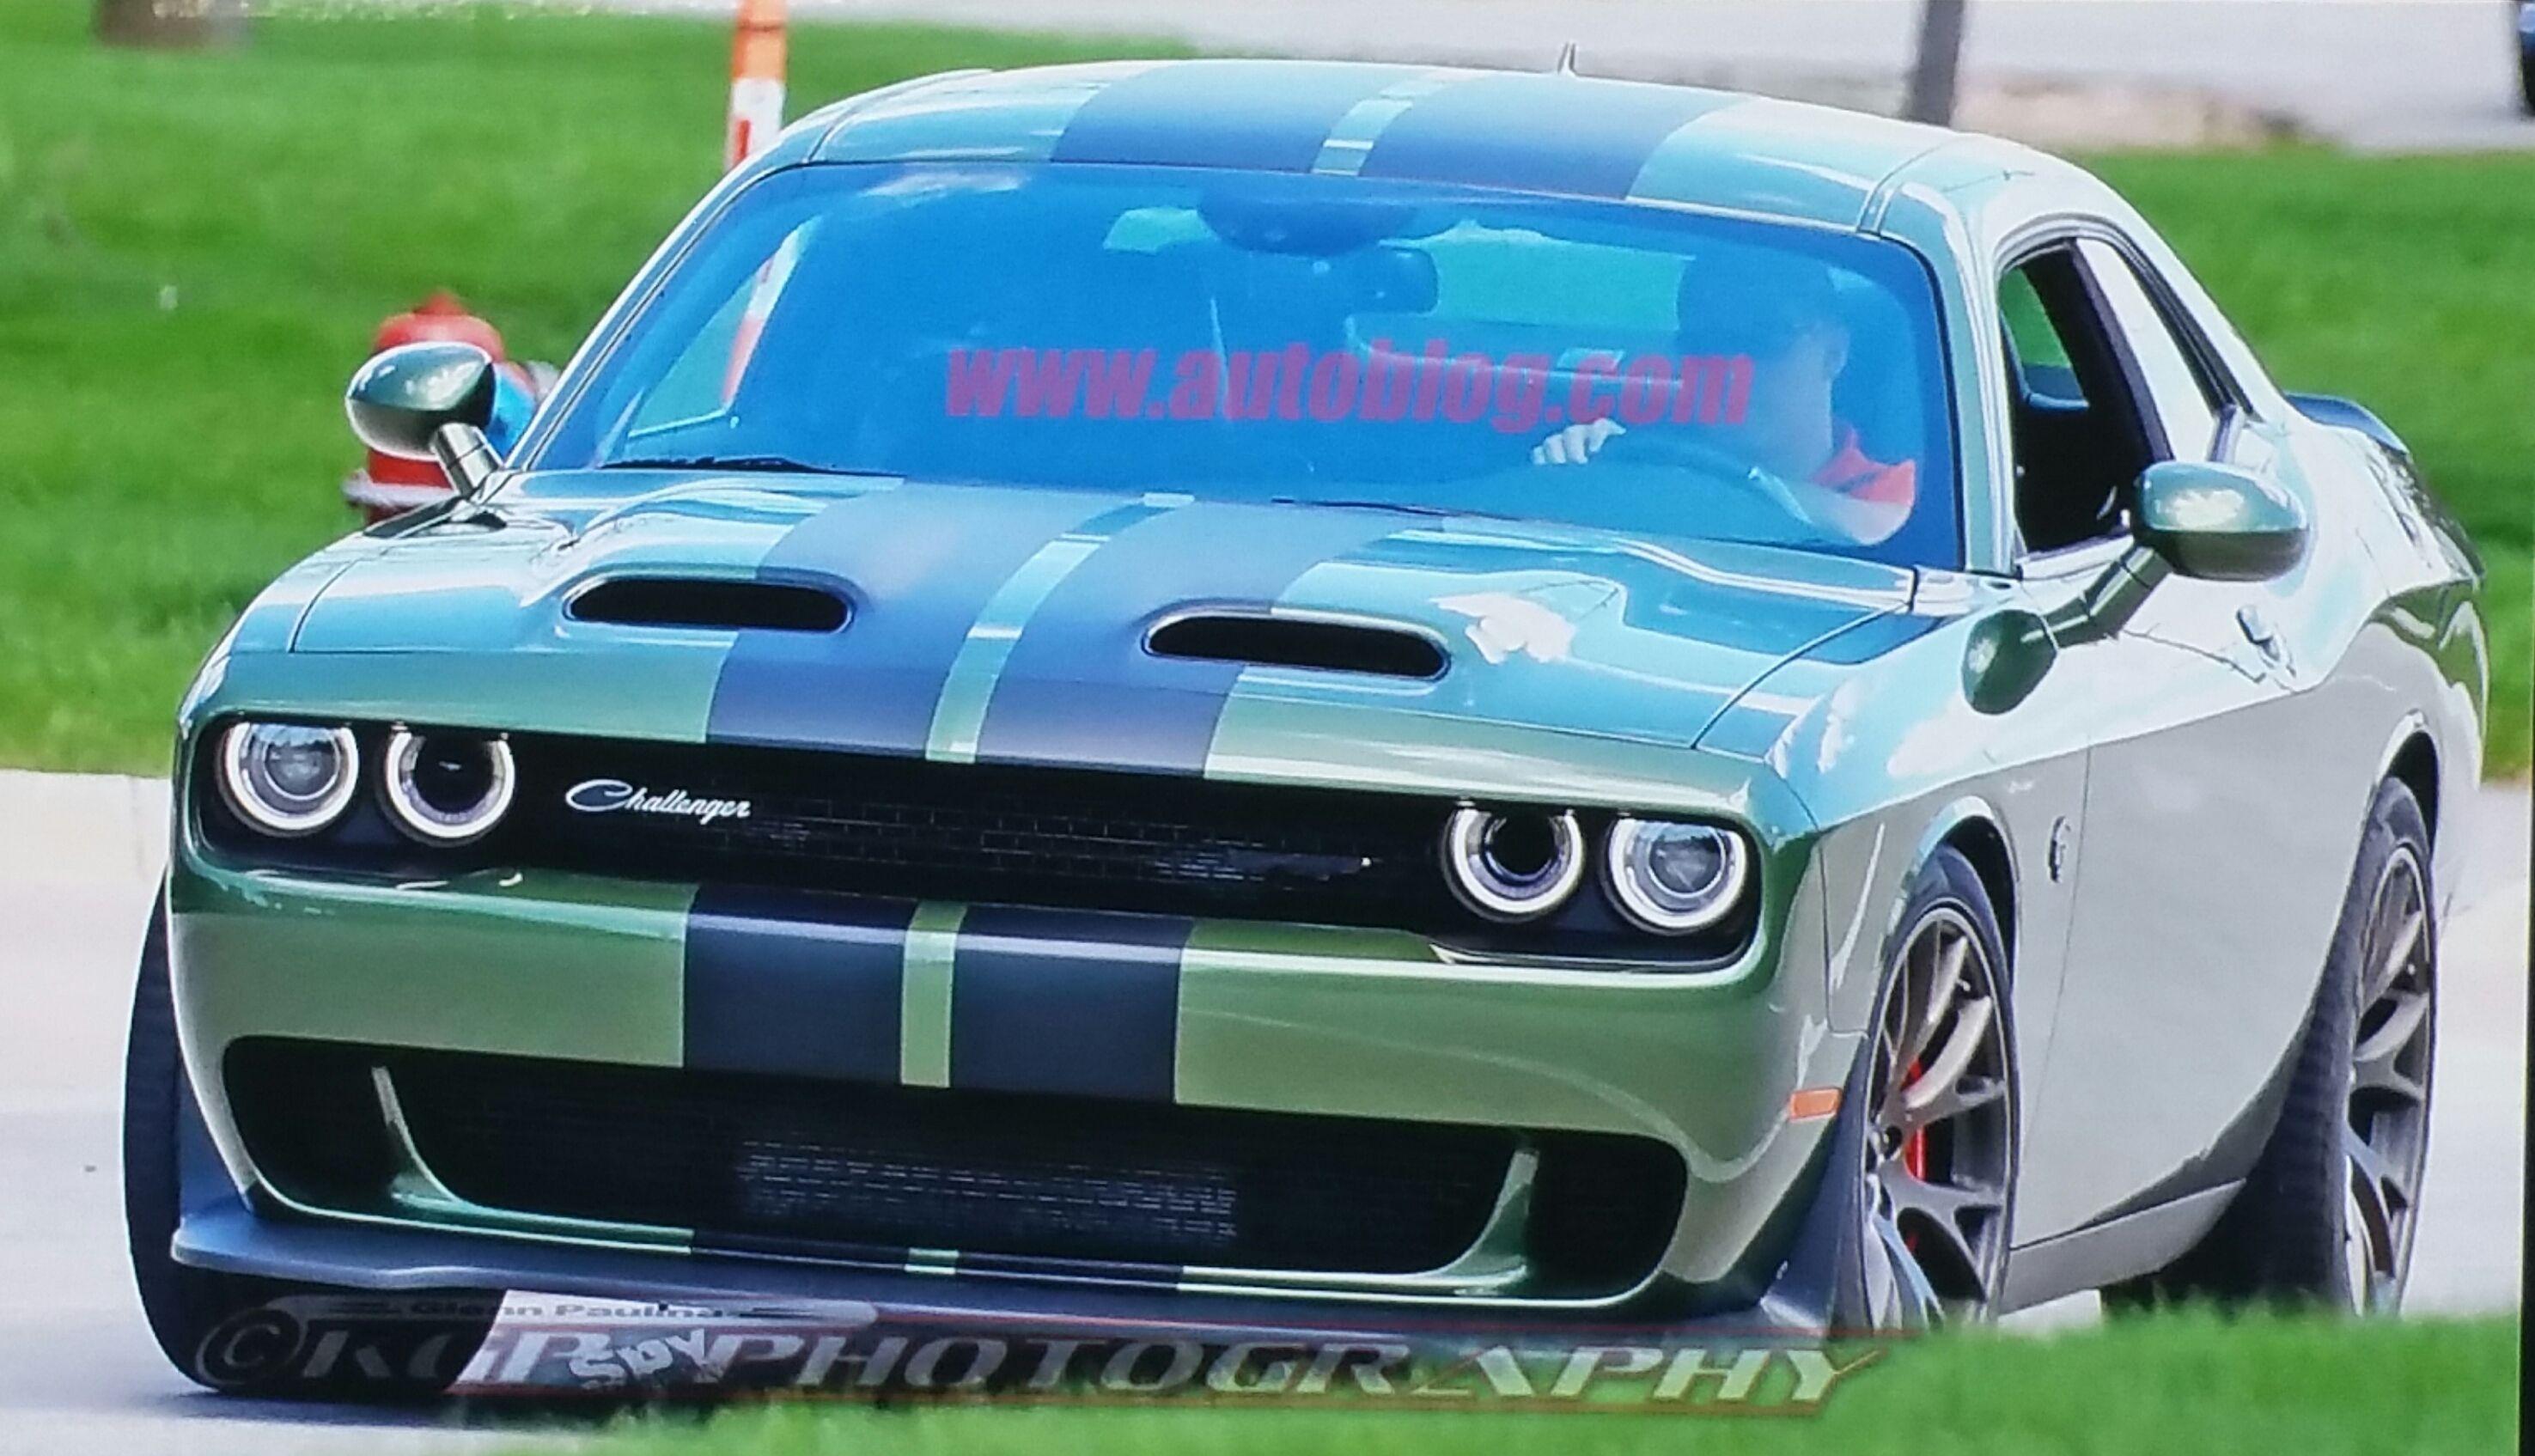 2019 Dodge Challenger Srt Hellcat Spy Shot With New Dual Scoop Hood